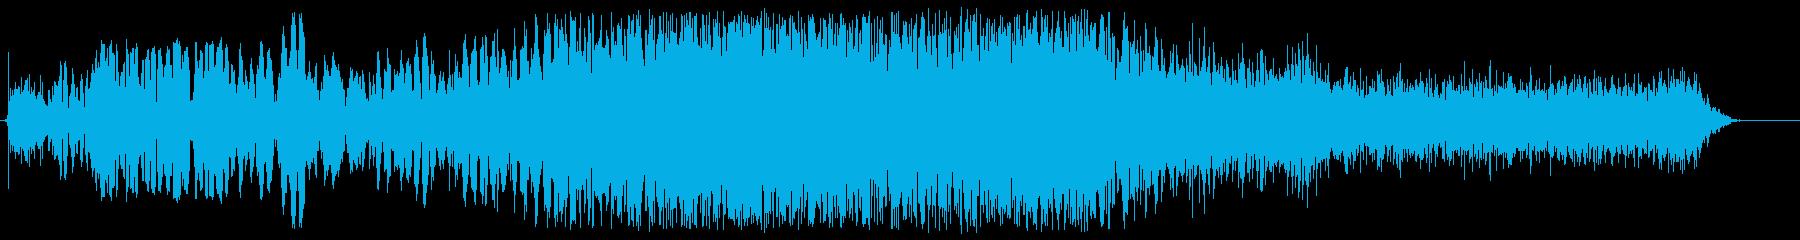 金属摩擦攻撃の再生済みの波形